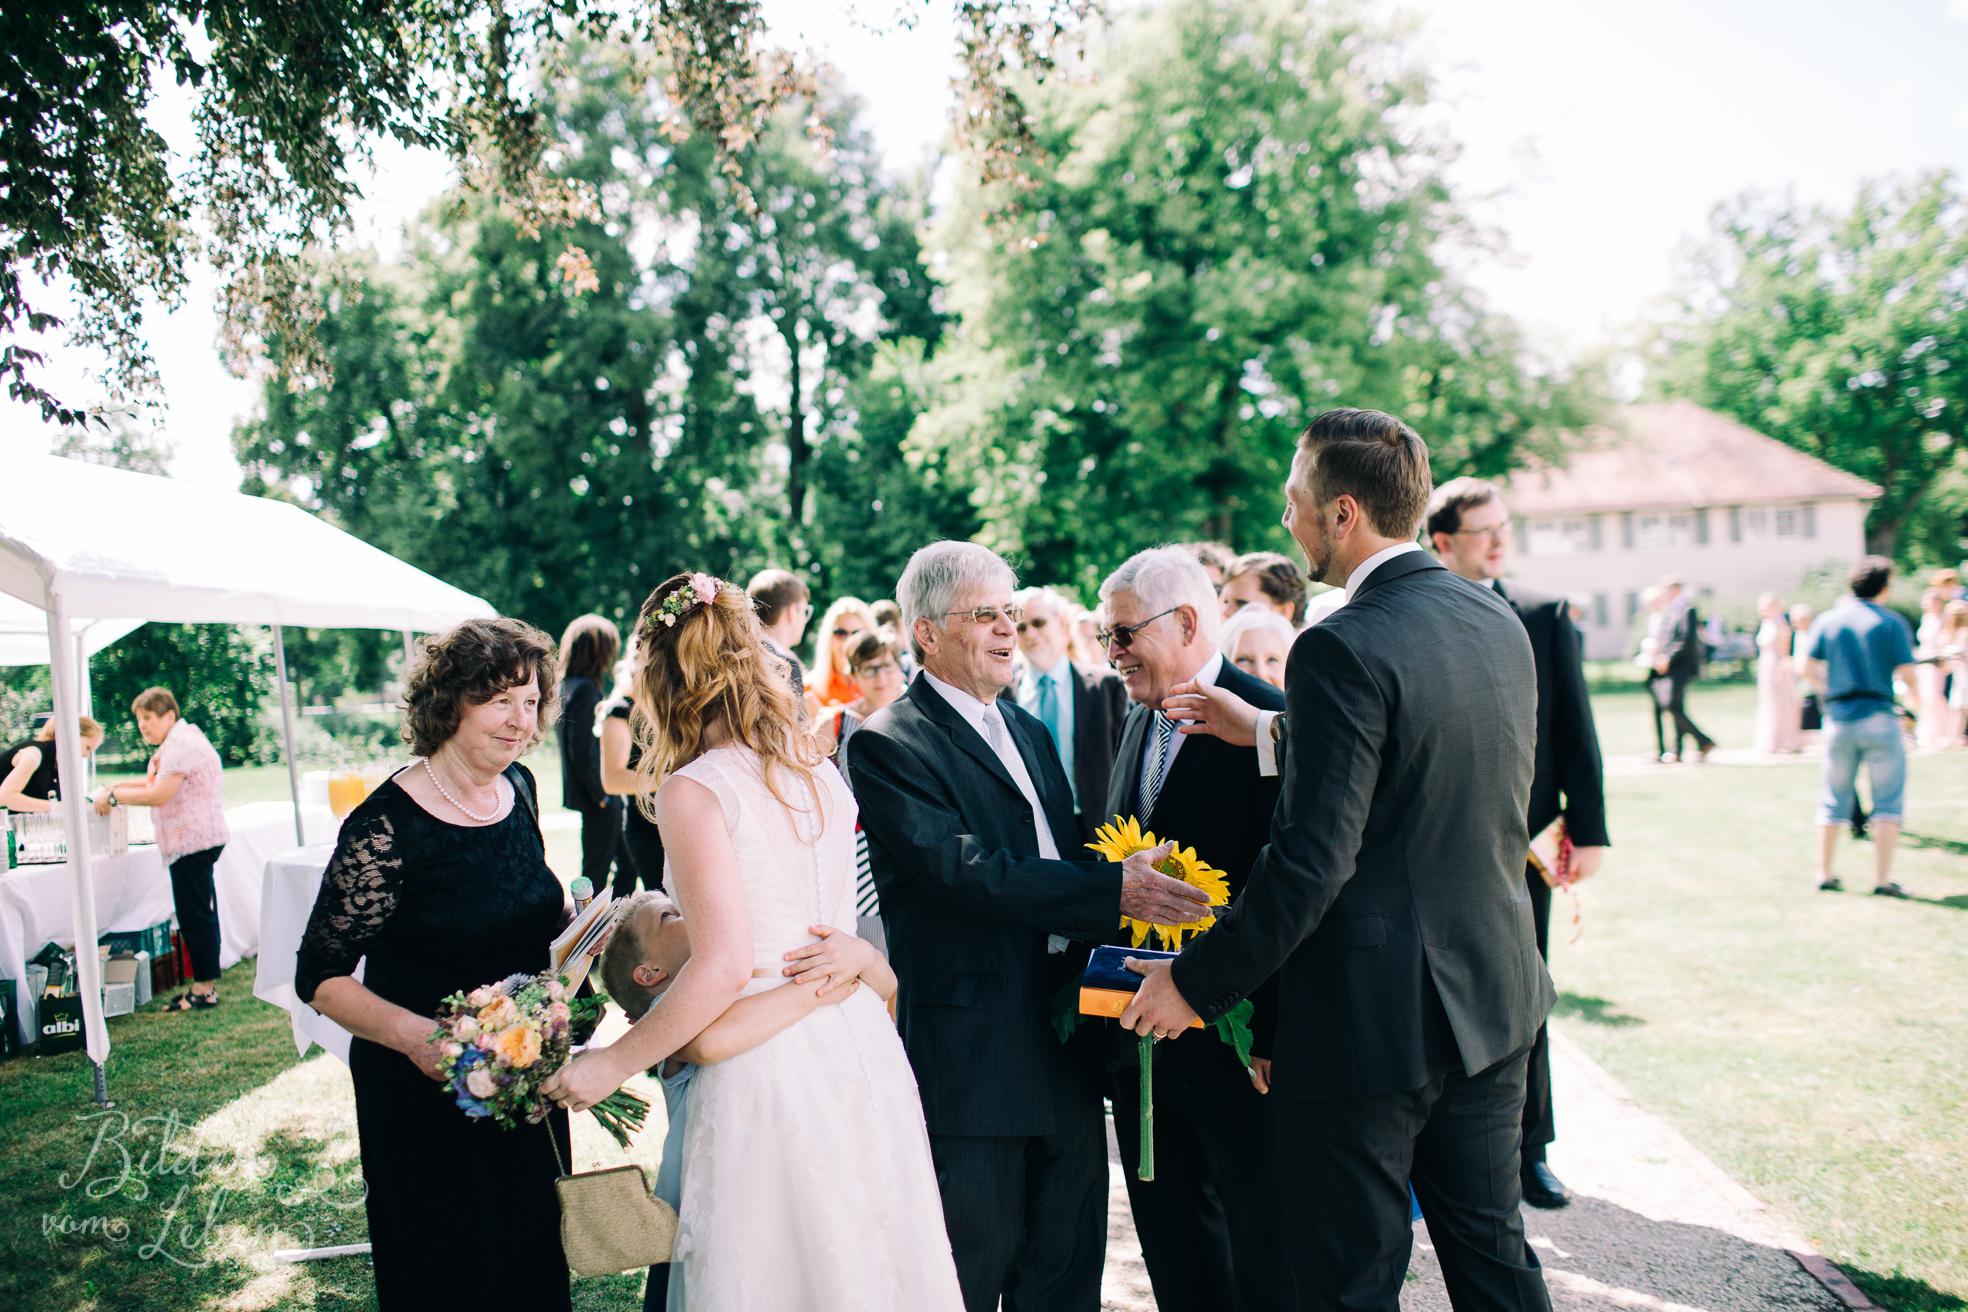 Franzi-Mike-Hochzeitsfotos-Triesdorf-IM2C1533